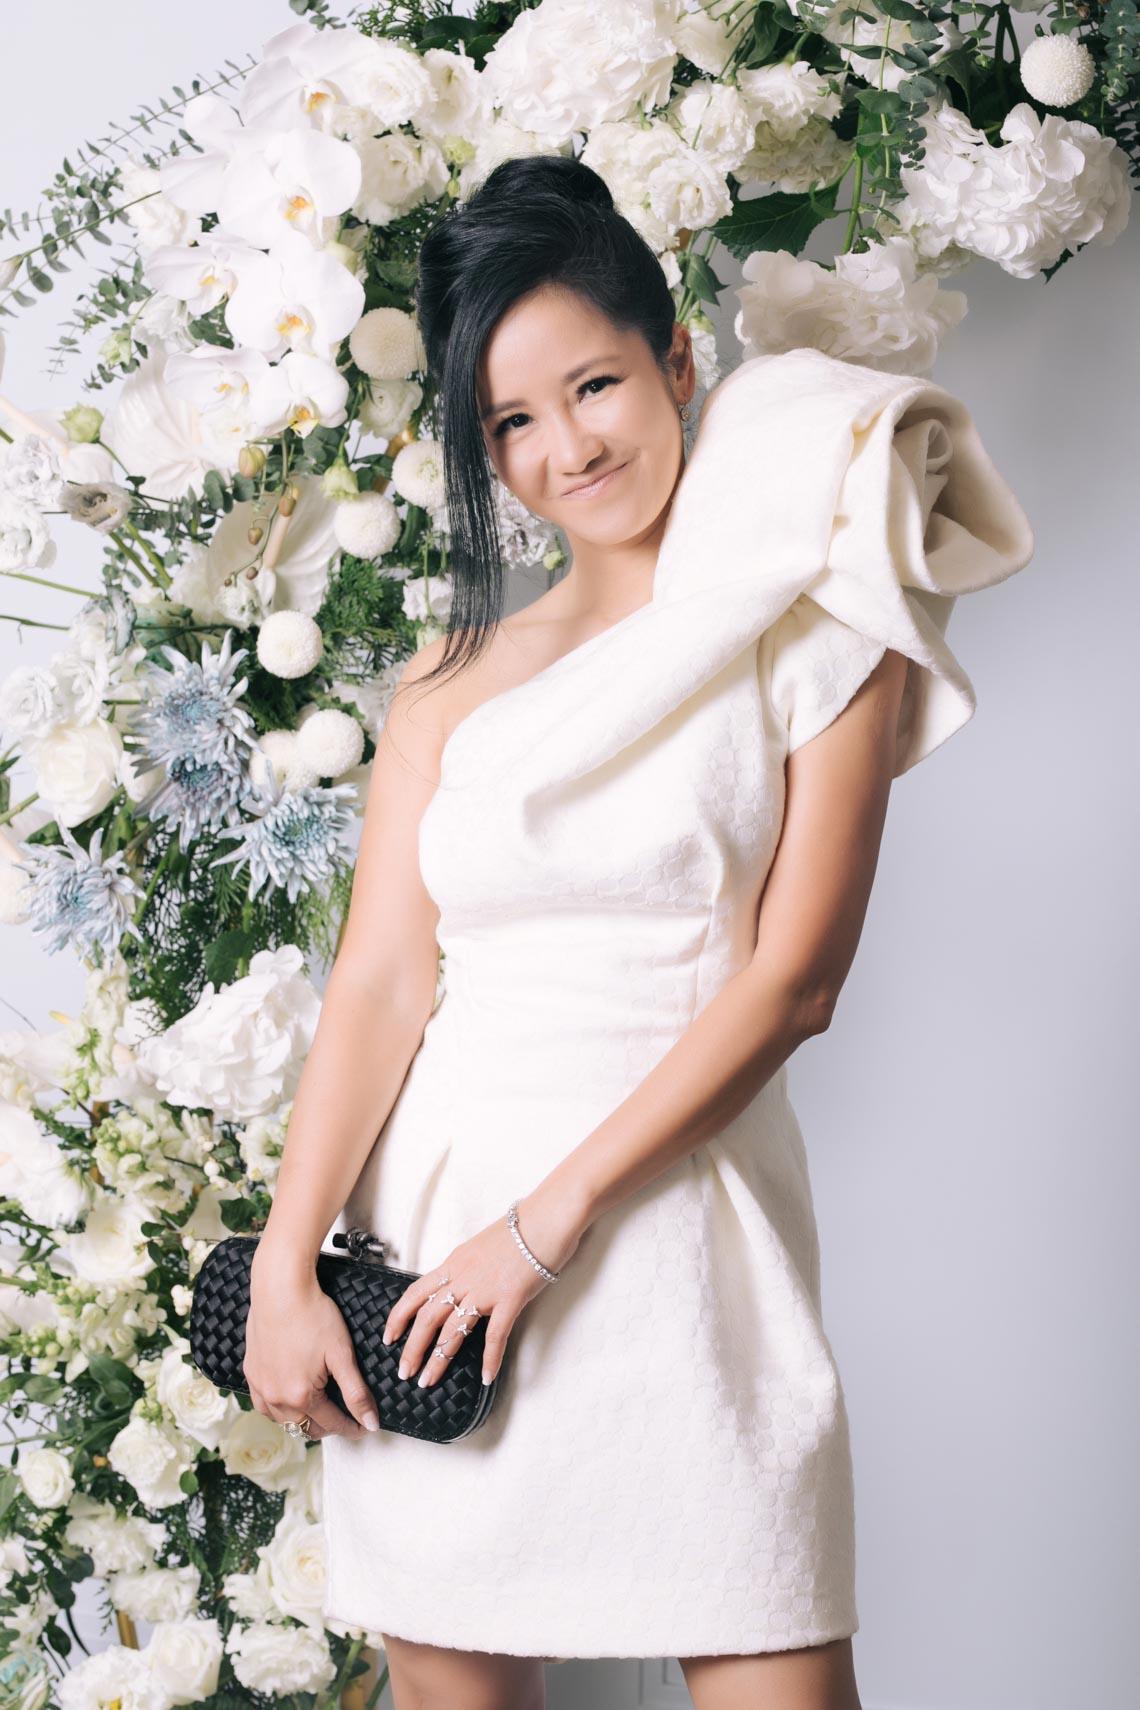 Dàn mỹ nhân diện trang phục trắng tinh khôi của NTK Đỗ Mạnh Cường - 11